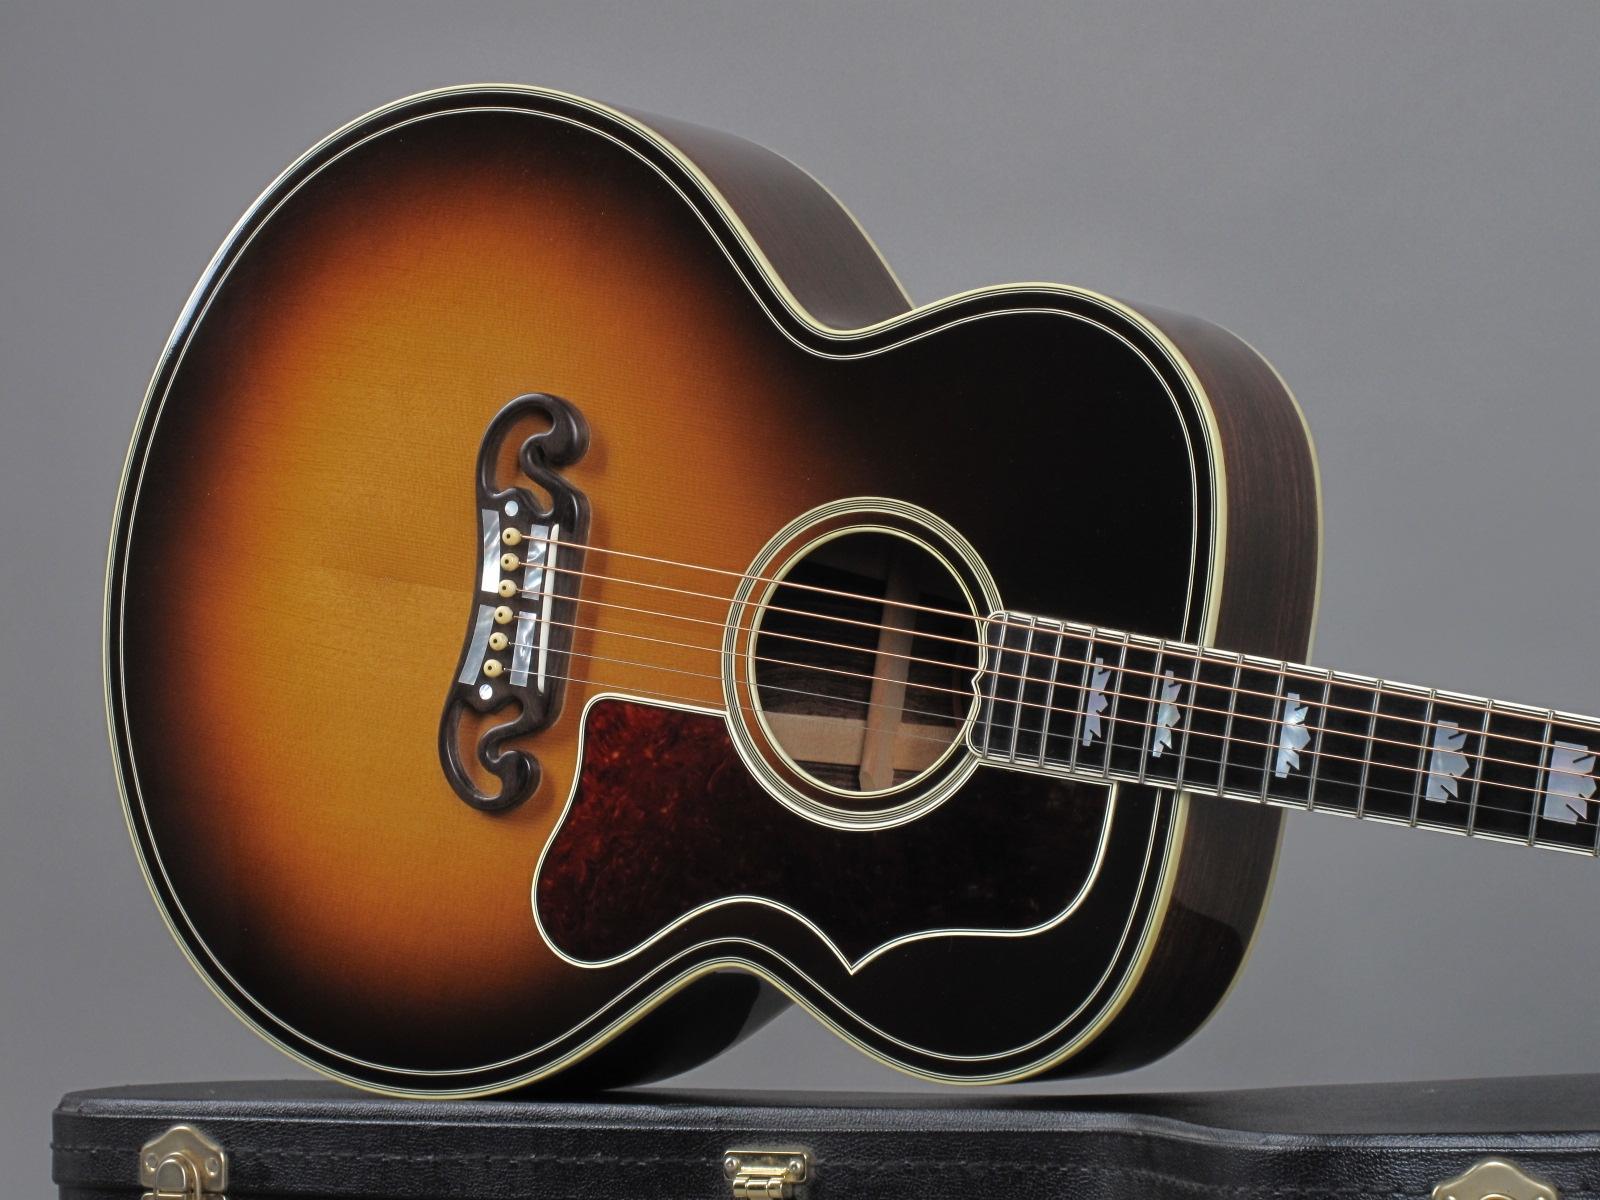 https://guitarpoint.de/app/uploads/products/2008-gibson-sj-200-western-classic-00368032/2008-Gibson-SJ-200-Western-Classic-Sunburst-00368032-19.jpg